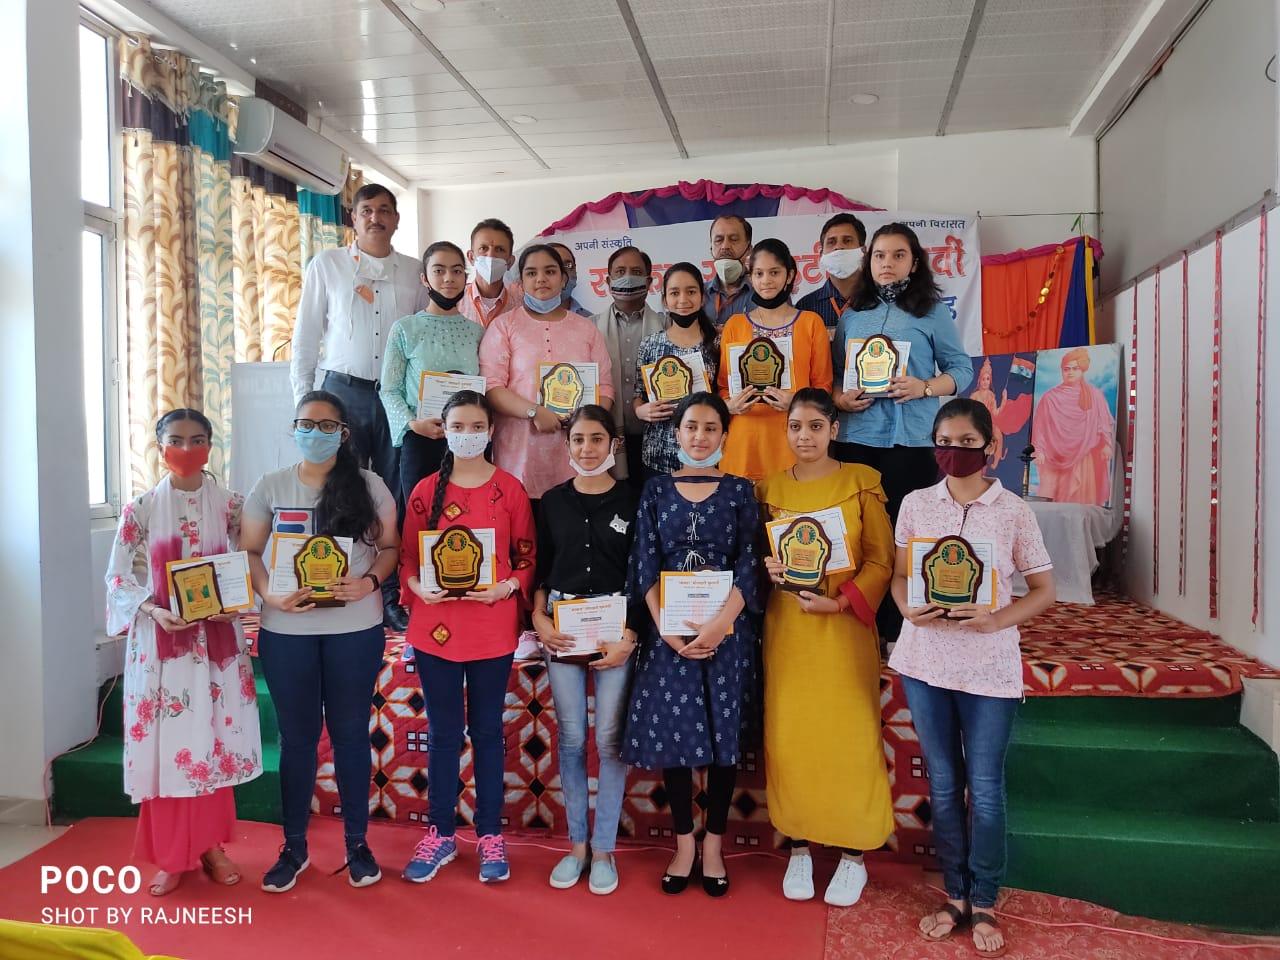 घुमारवीं में मेधावी छात्र अभिनंदन समारोह में मेधावियों पर बरसे ईनाम